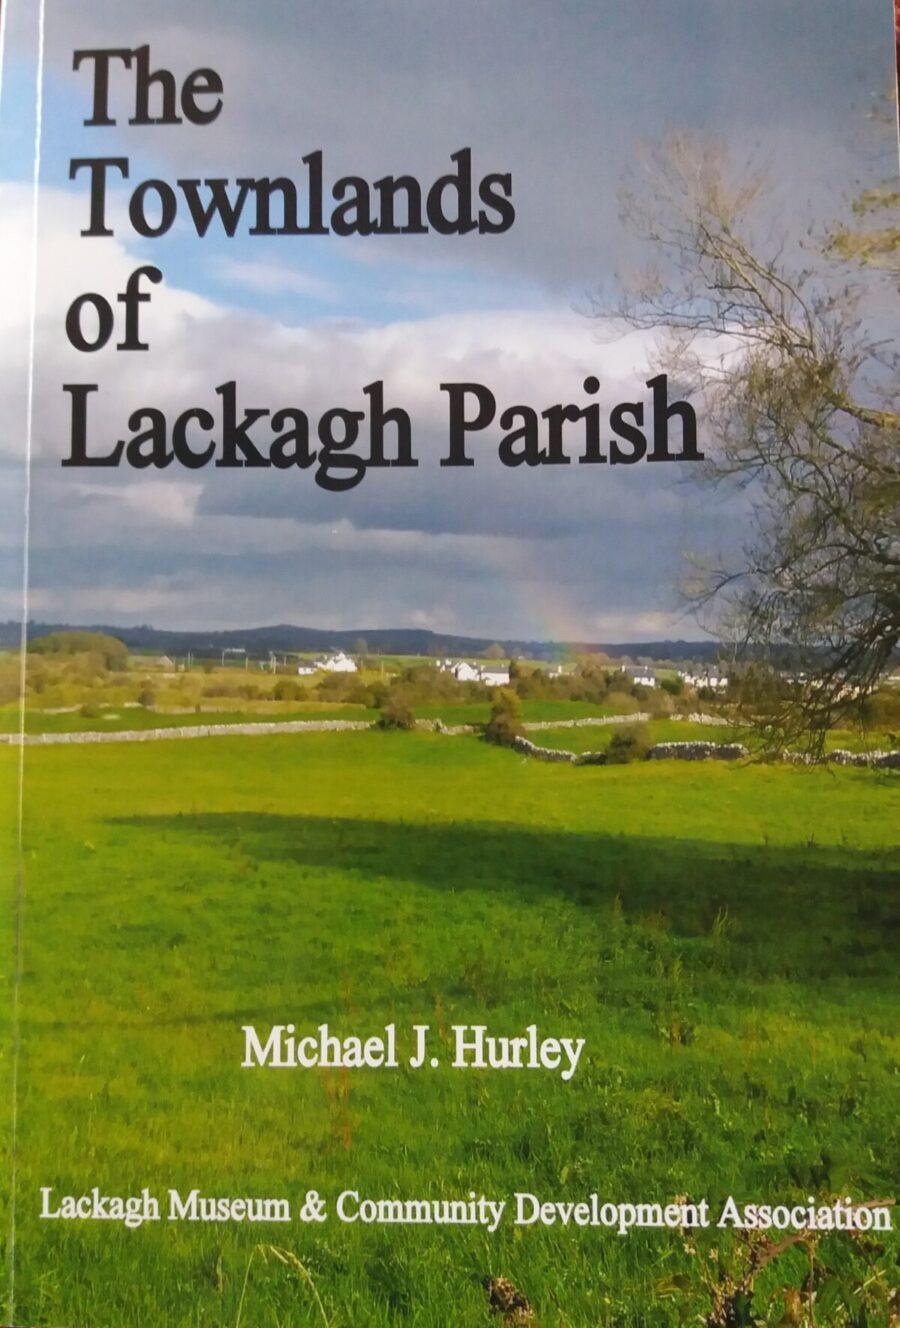 The Townlands of Lackagh Parish